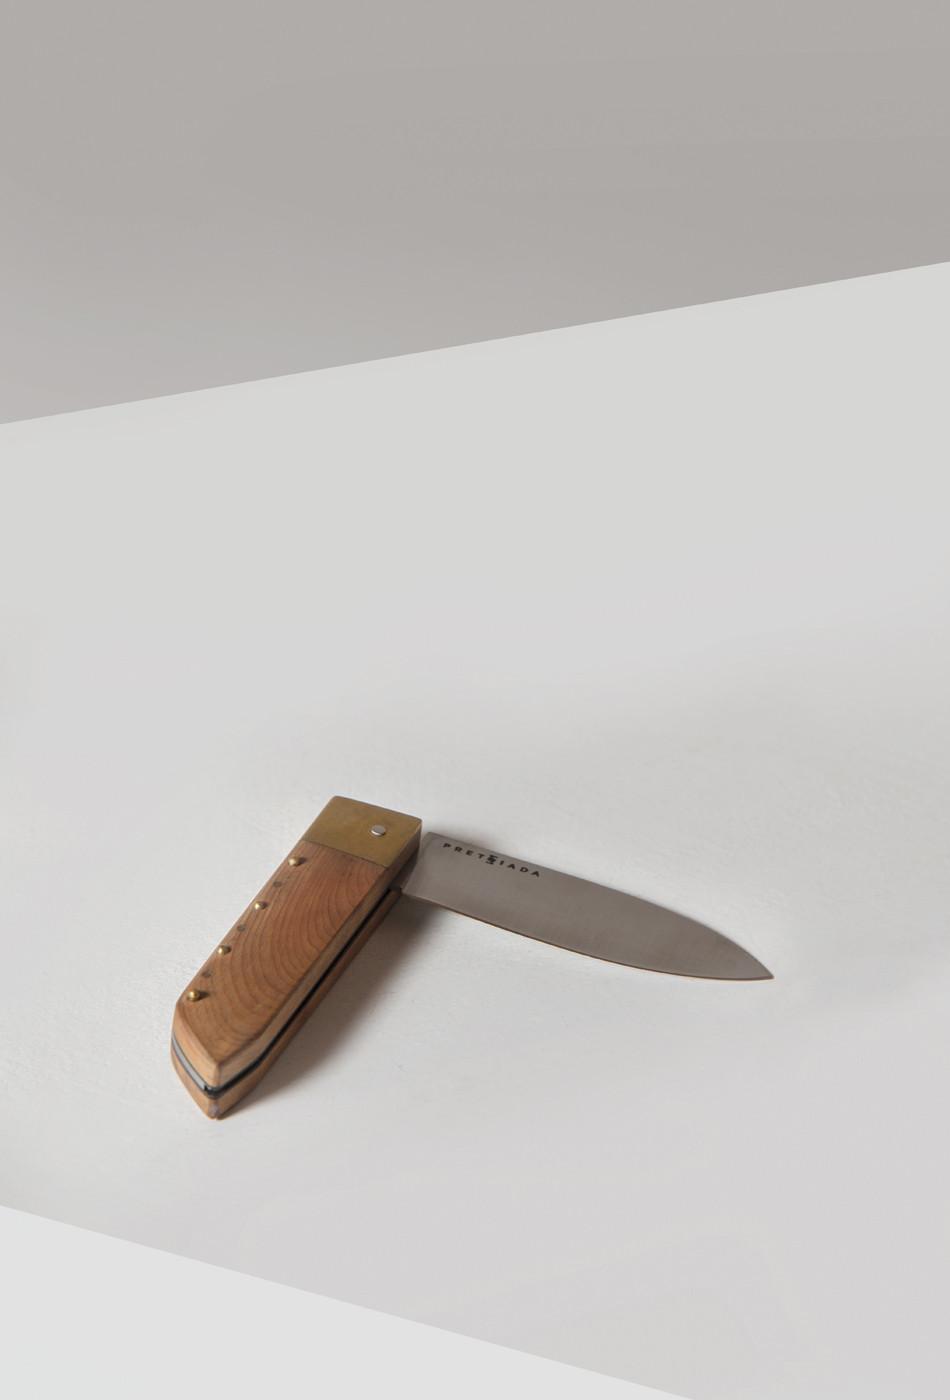 PretziadaKnife-half-open.jpg